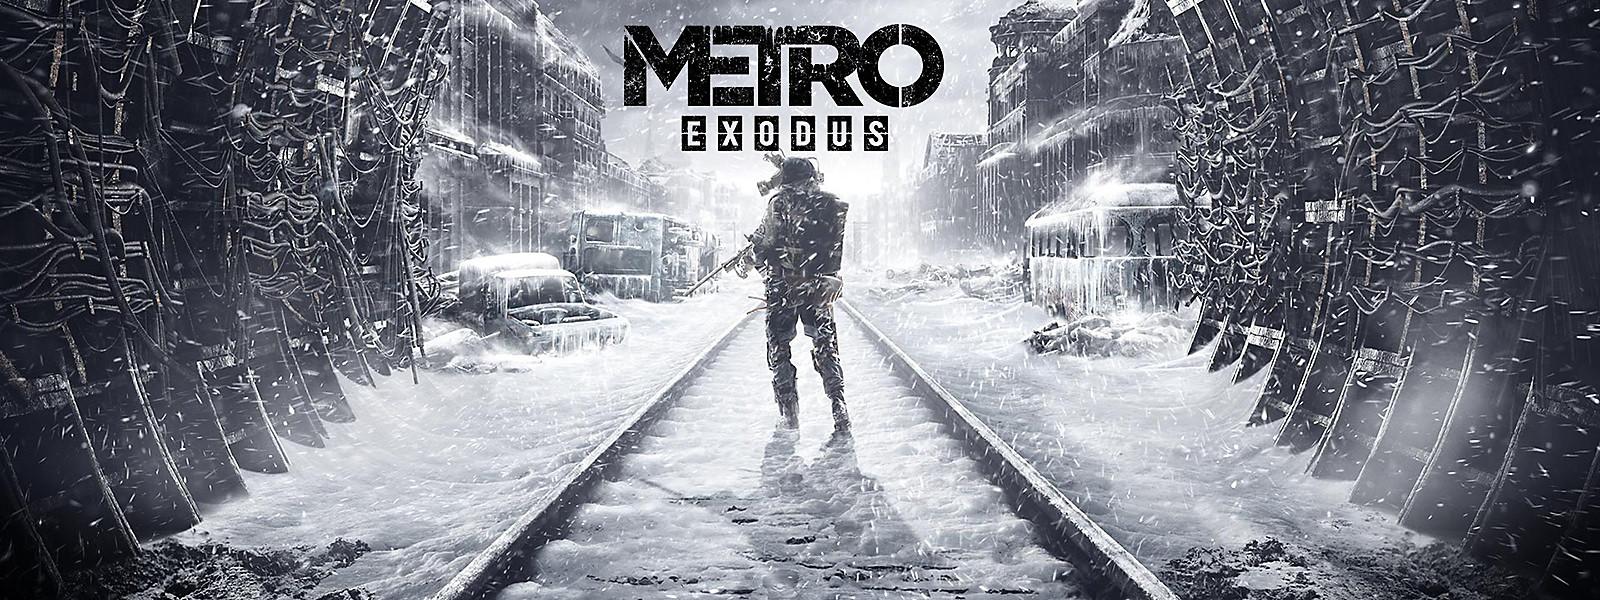 """Résultat de recherche d'images pour """"metro exodus"""""""